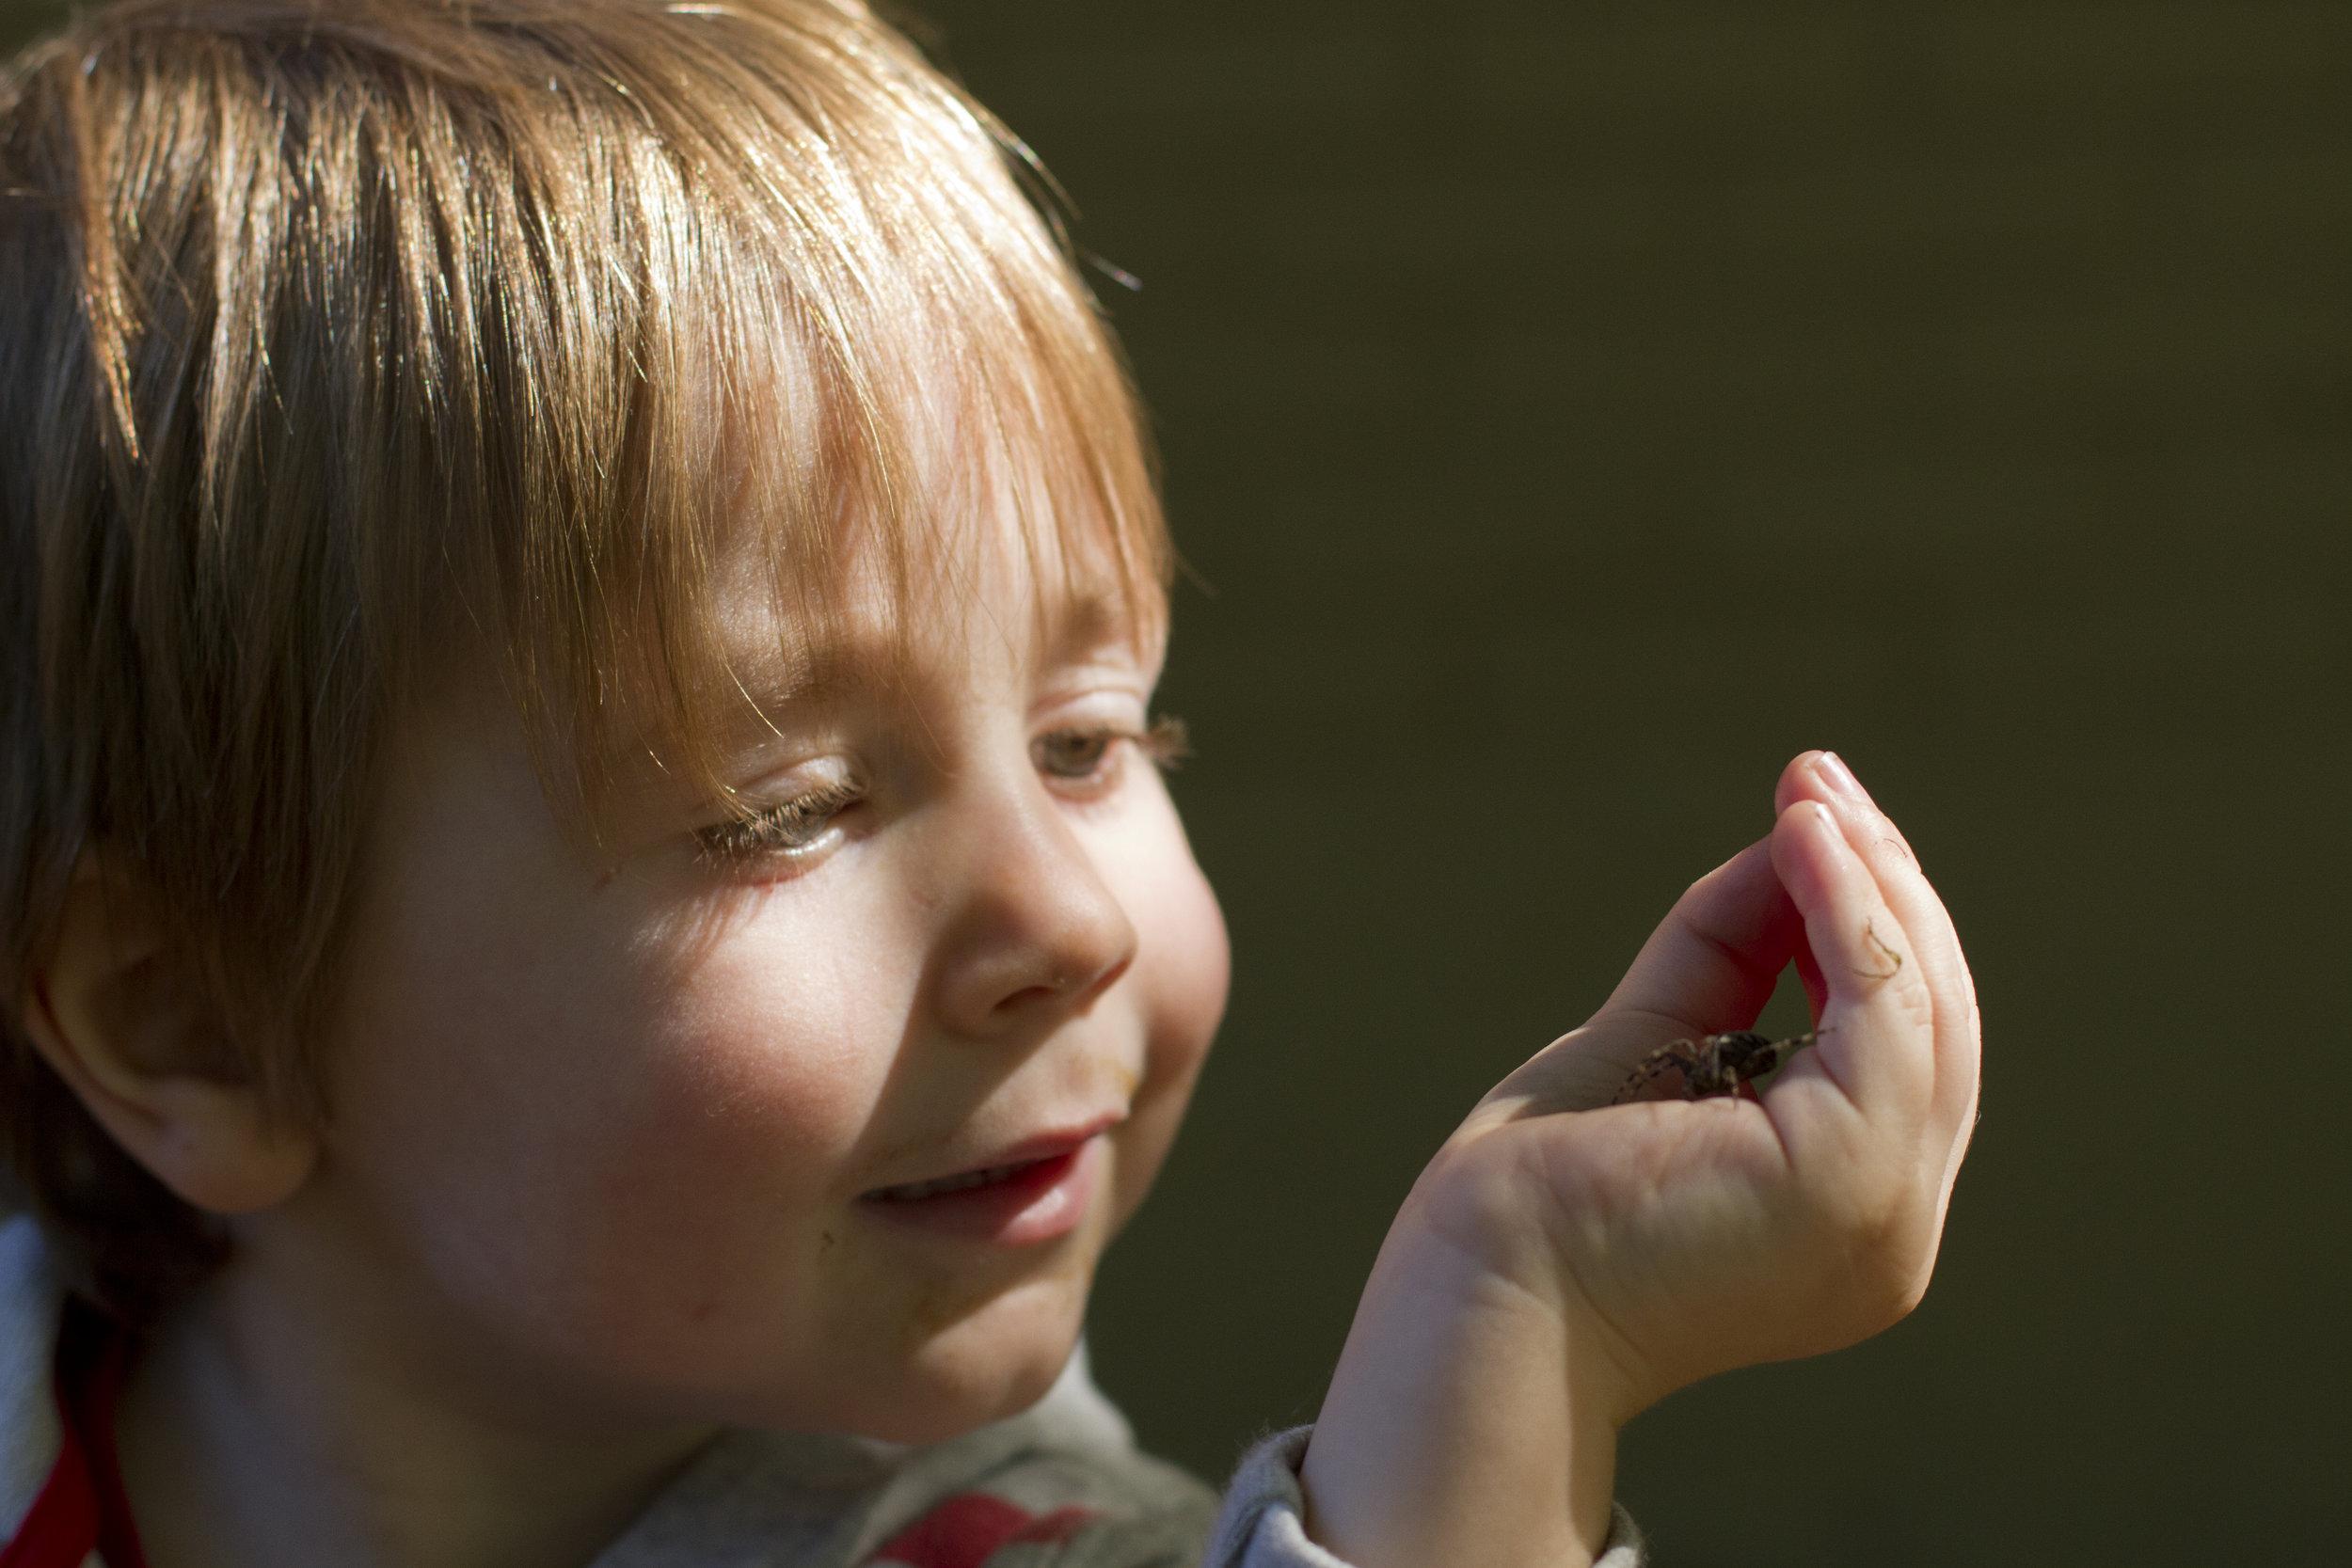 一个年轻的学生看着他们手中拿着的一只蜘蛛.